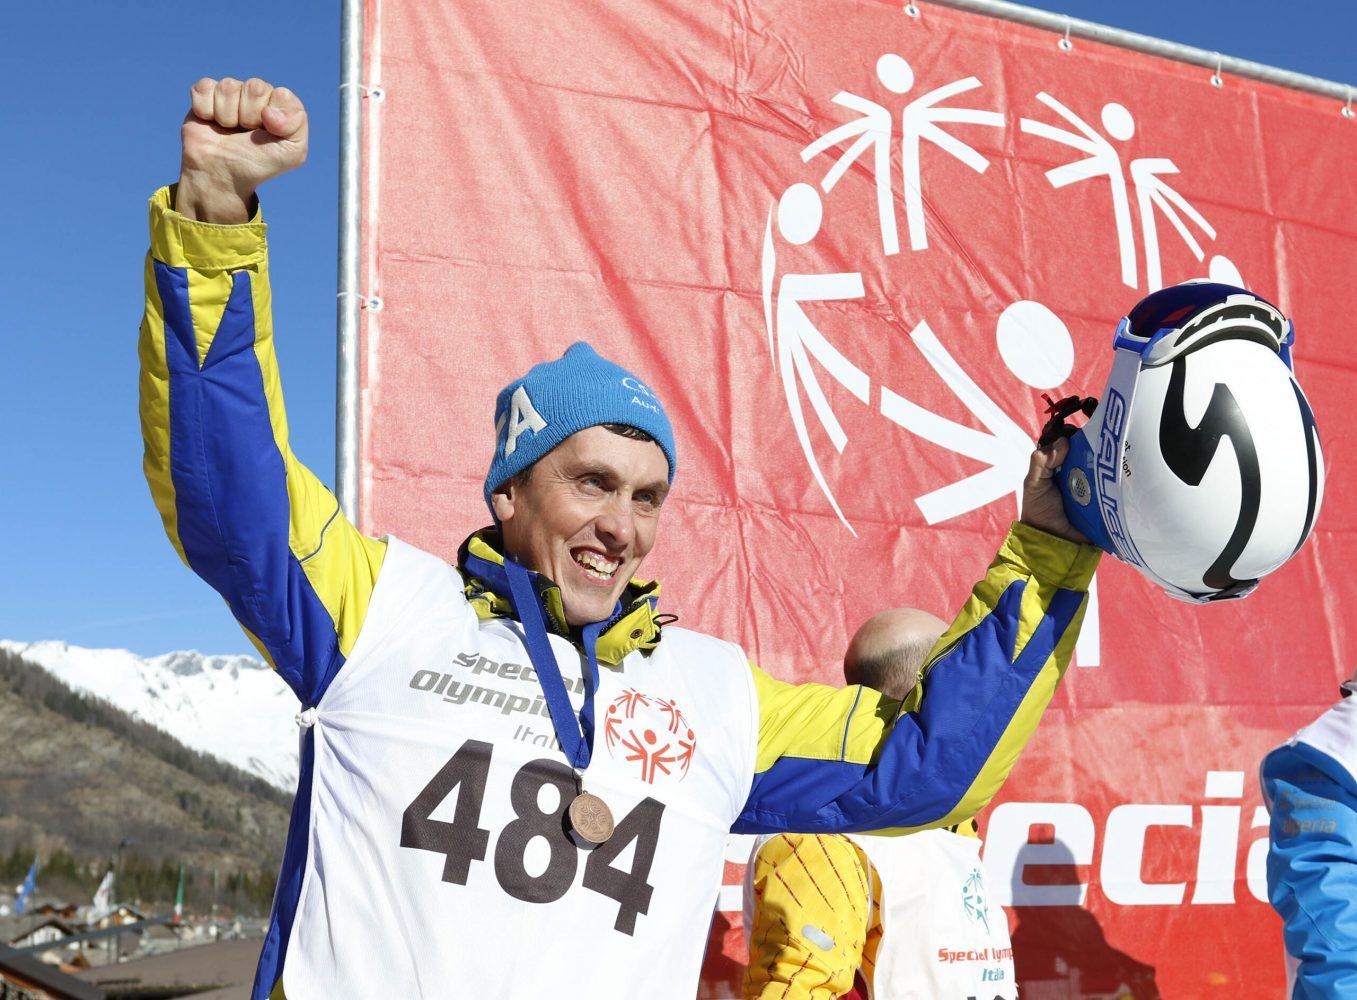 Le medaglie che premiano le storie di vita di ogni singolo atleta Special Olympics